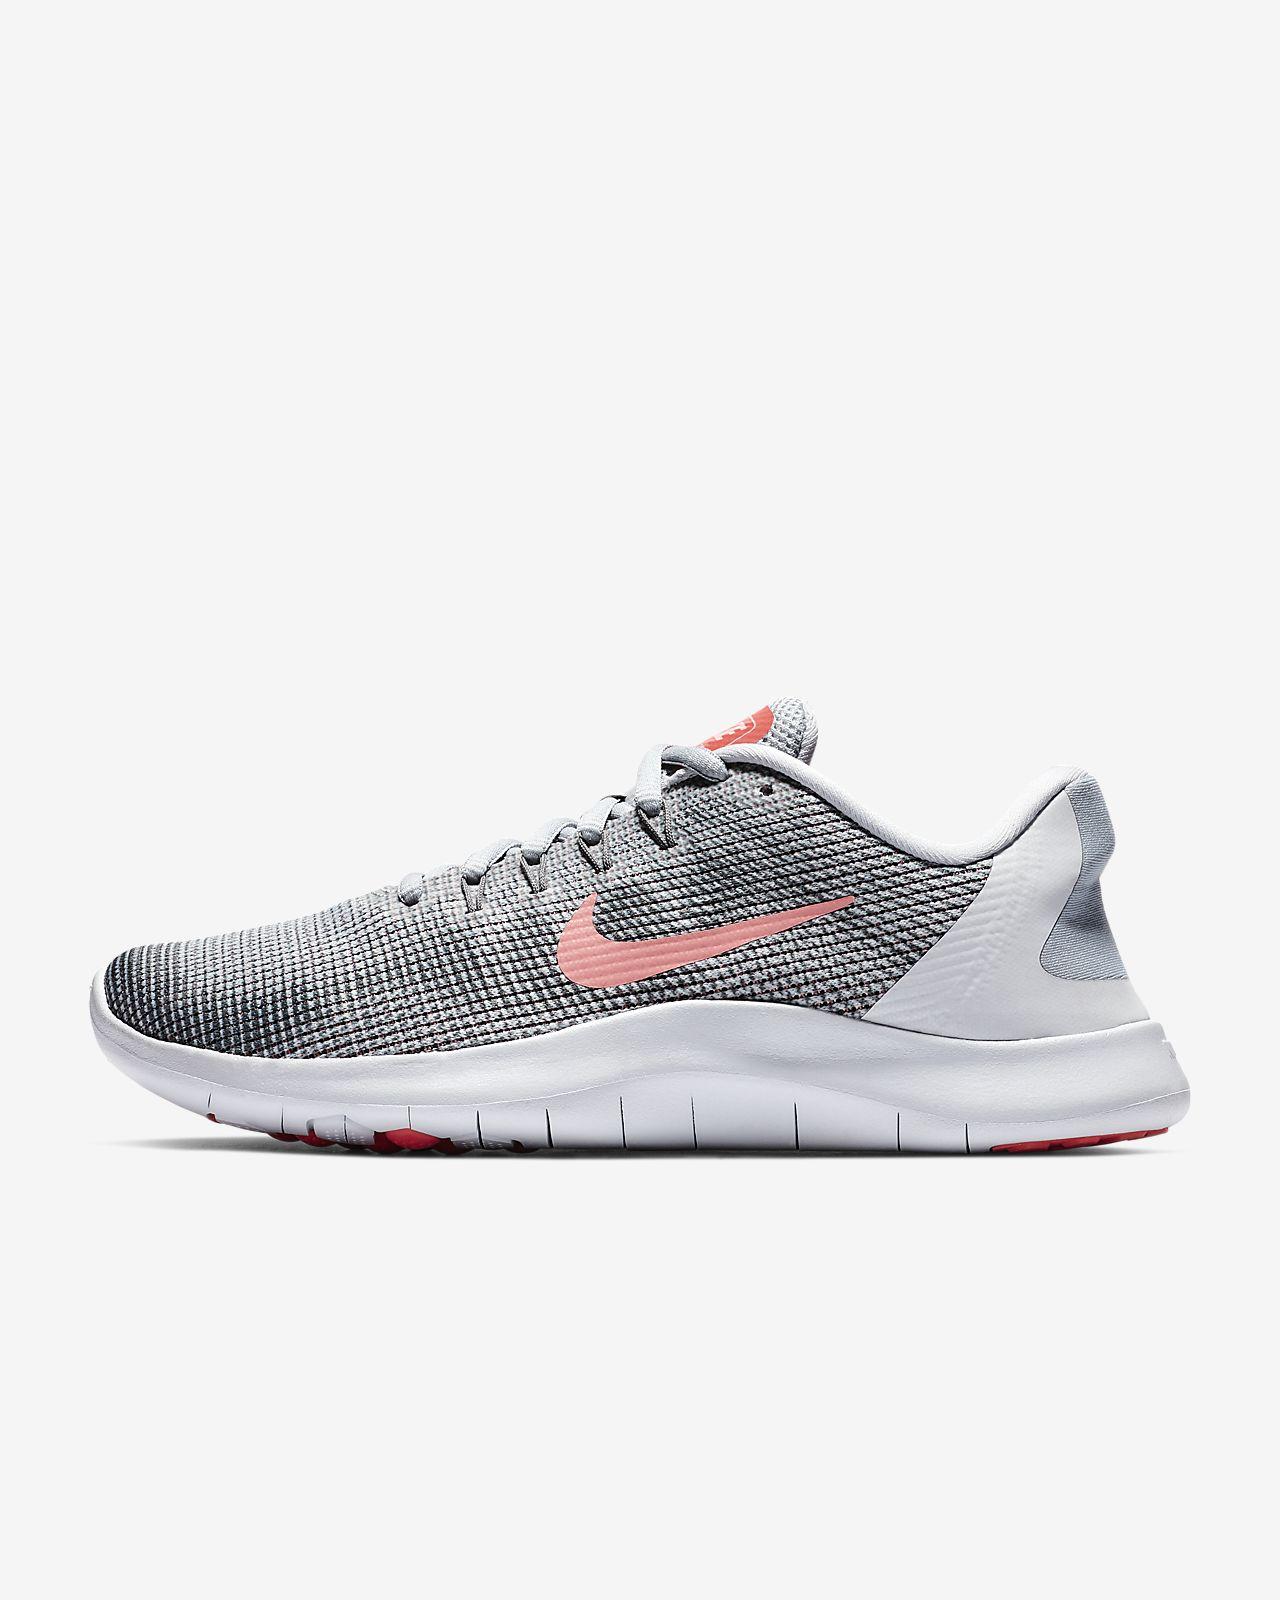 newest a01d2 6b489 ... Nike Flex RN 2018 løpesko til dame